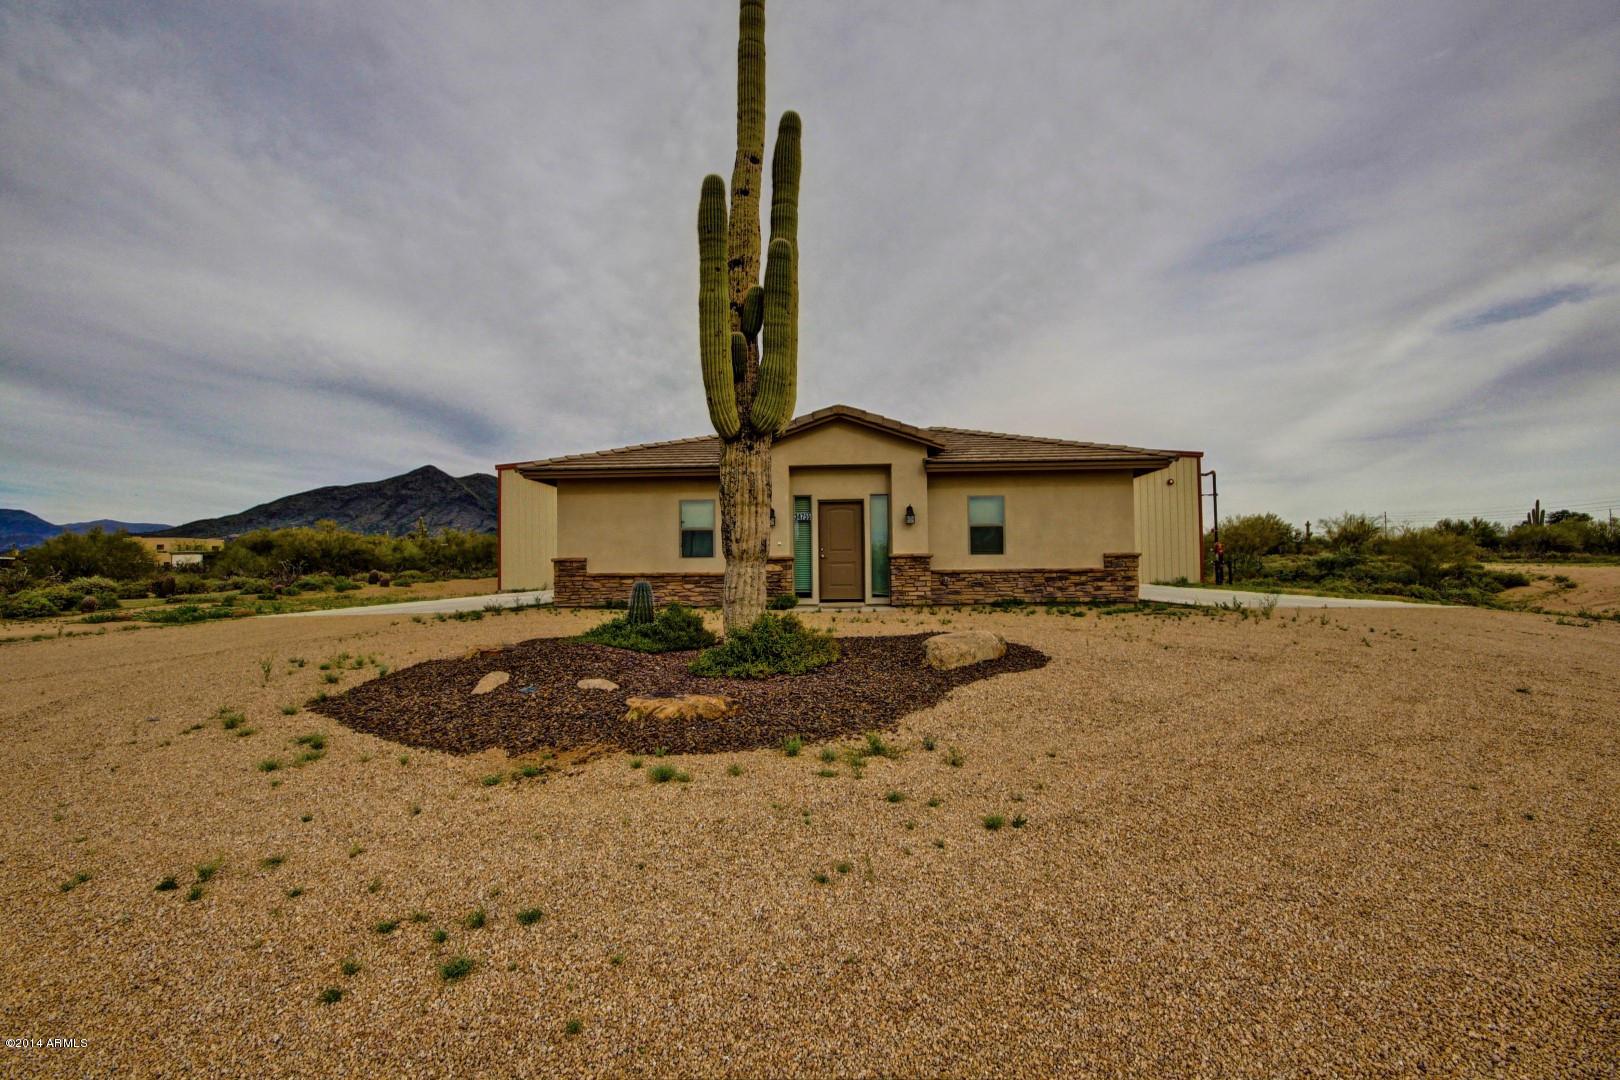 MLS 5379877 34755 N 51ST Street, Cave Creek, AZ 85331 Cave Creek AZ Luxury